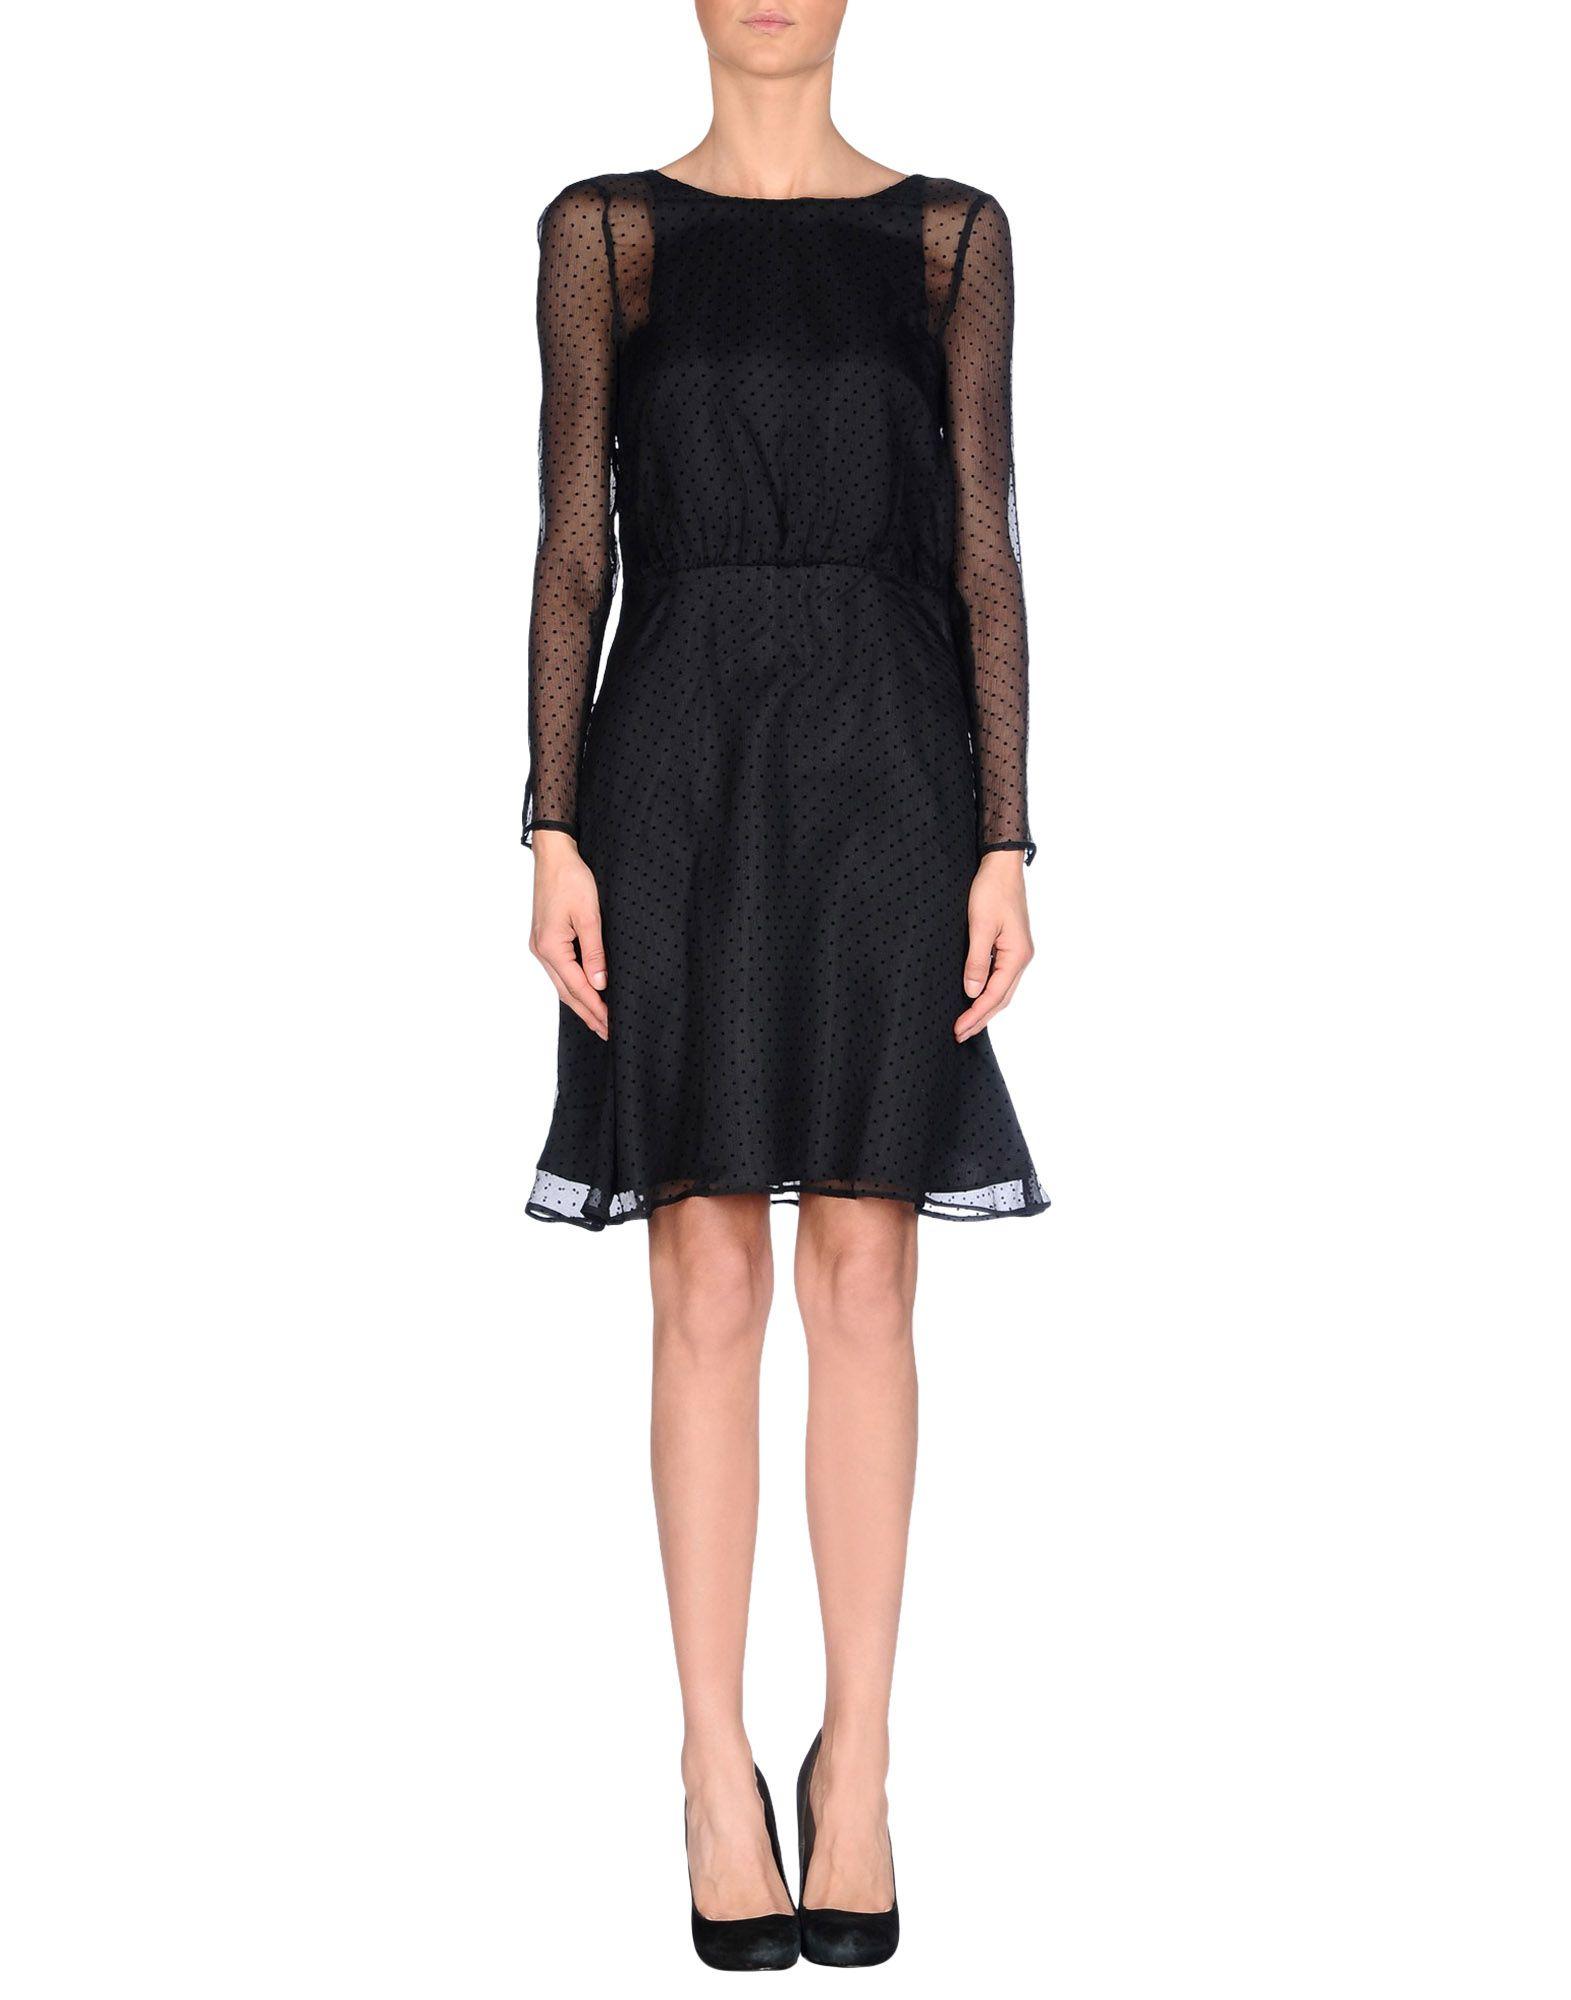 karl lagerfeld short dress in black. Black Bedroom Furniture Sets. Home Design Ideas